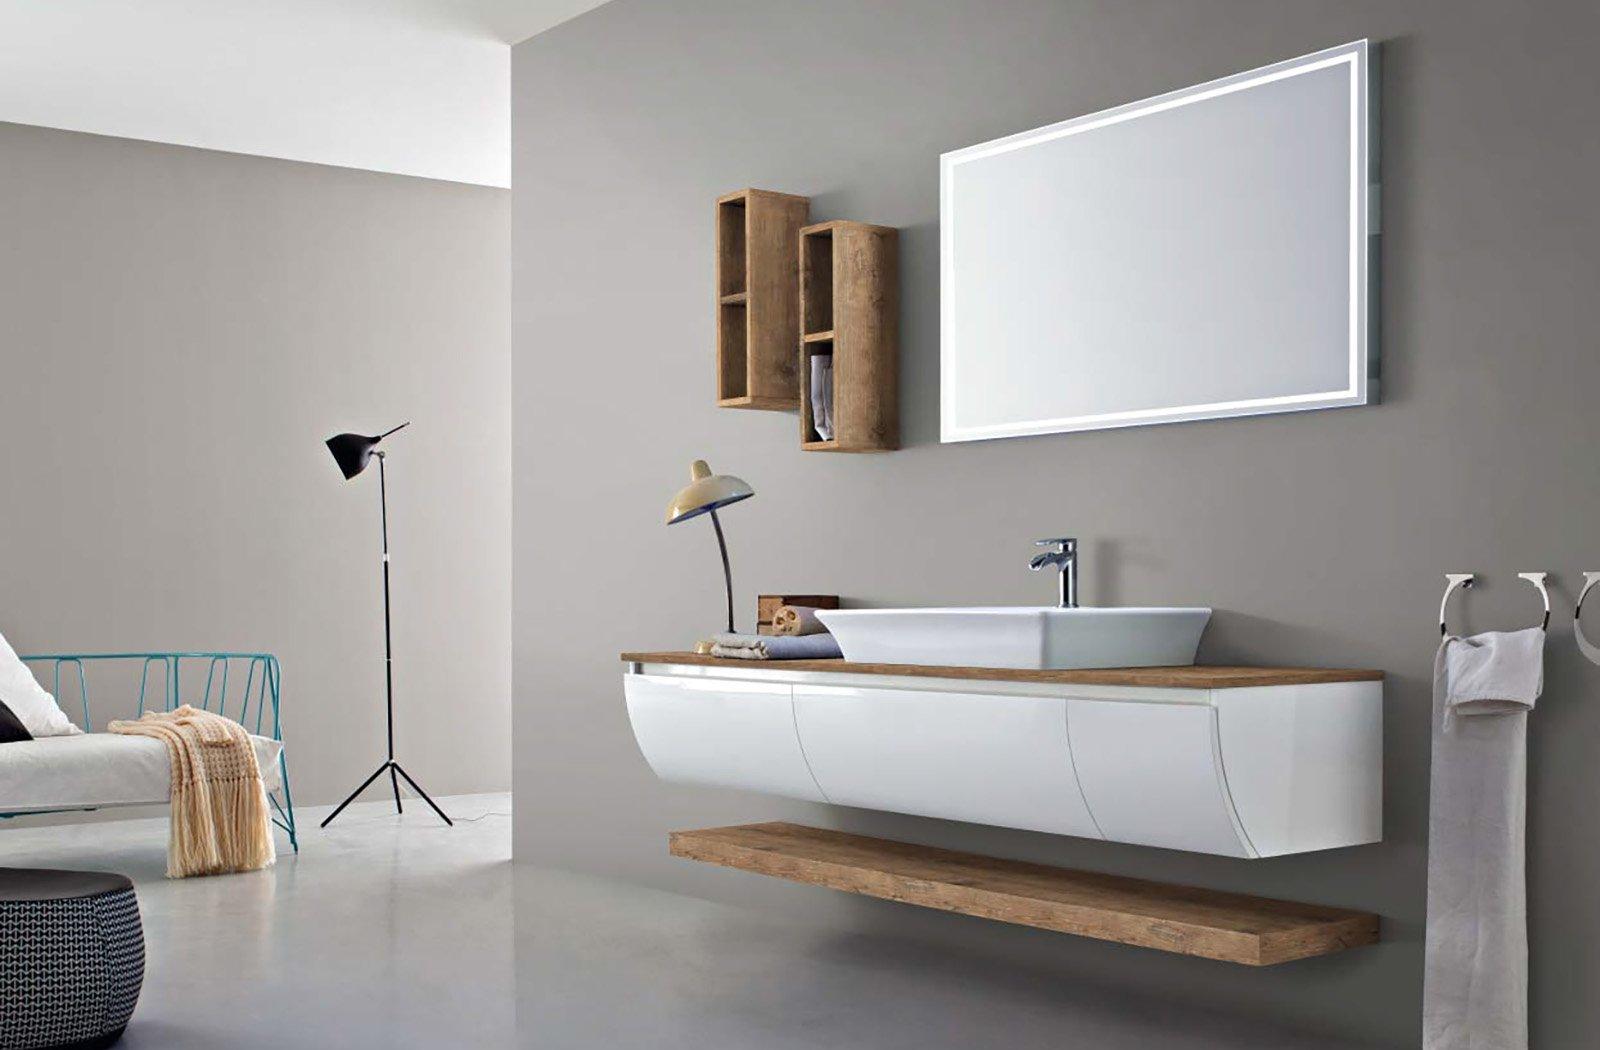 Joy of life by cerasa per arredare il bagno con for Mobile bagno piccolo